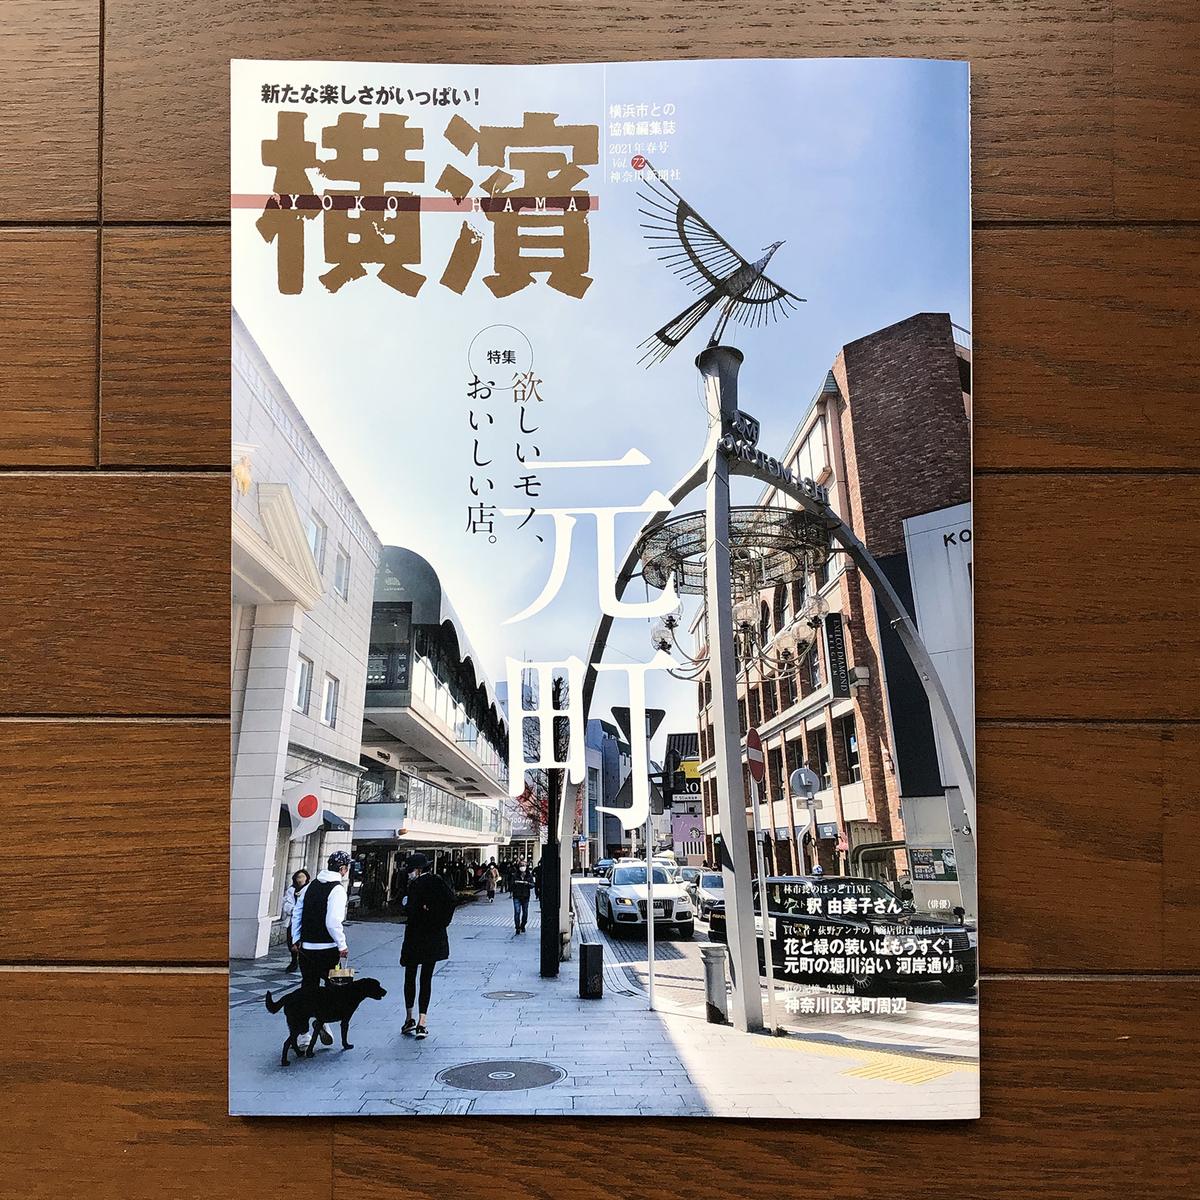 季刊誌横濱 2021春号 No.72 元町